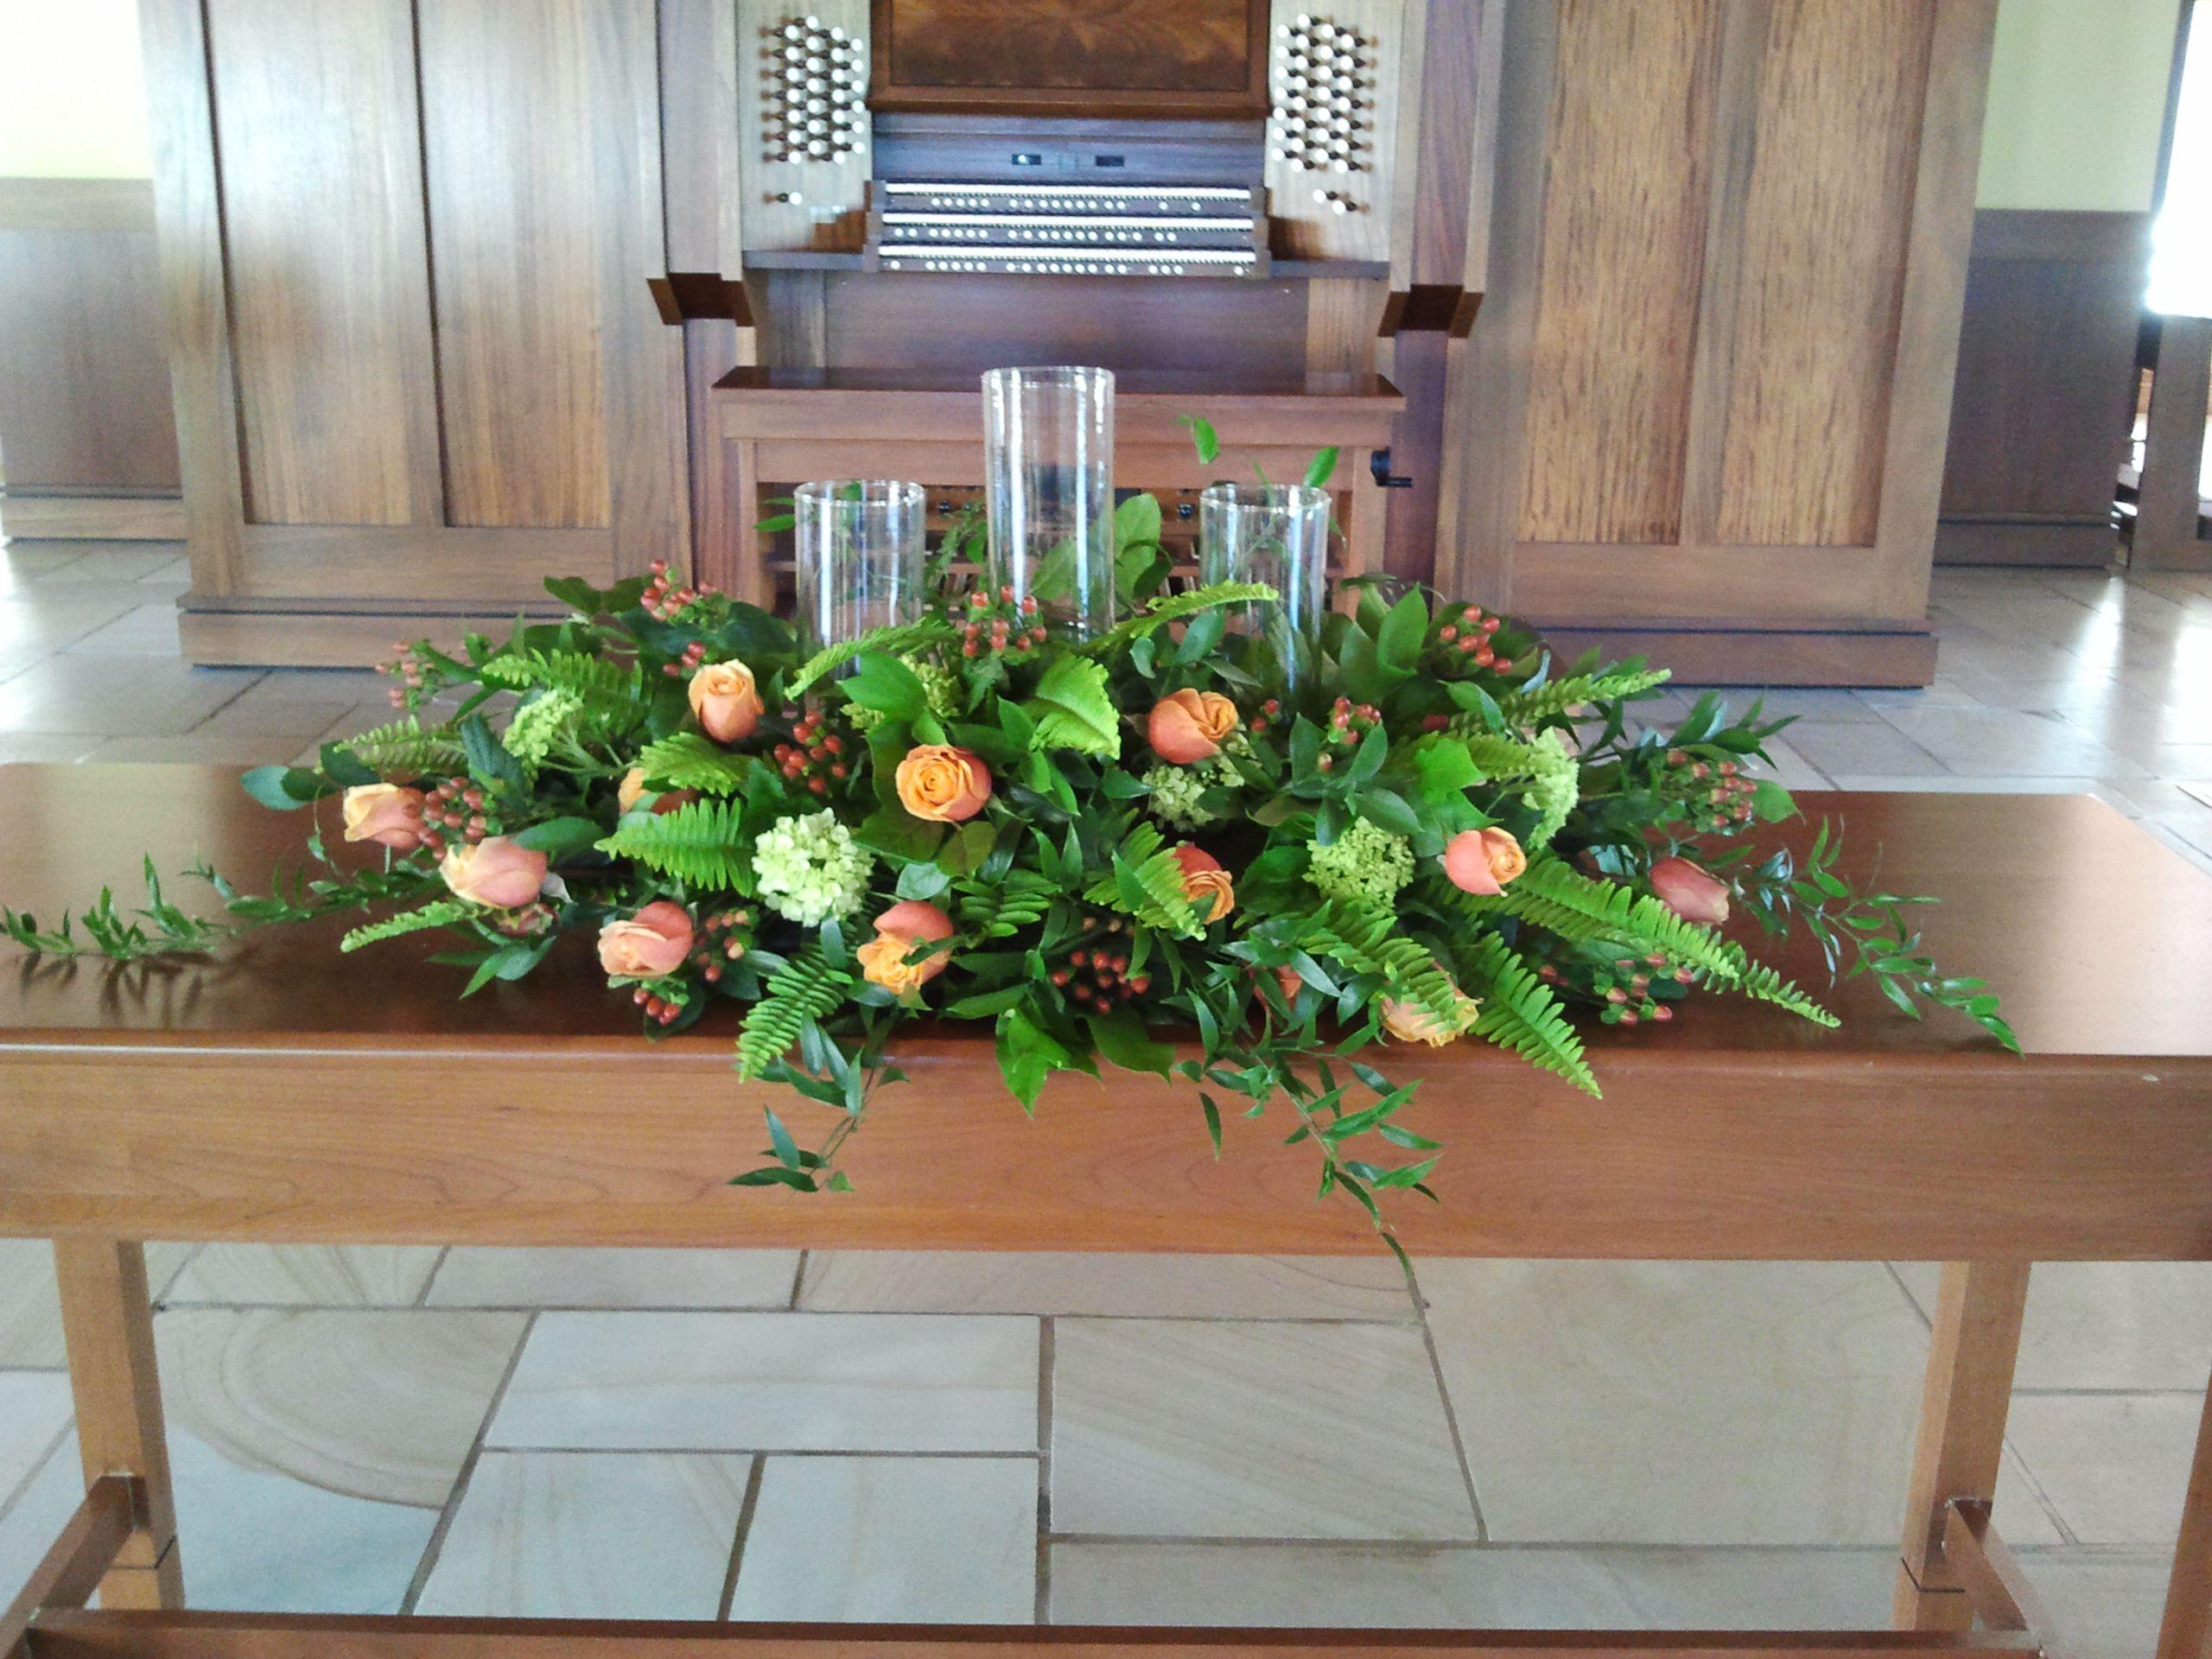 Ceremony flowers by twigs in greenville sc flower